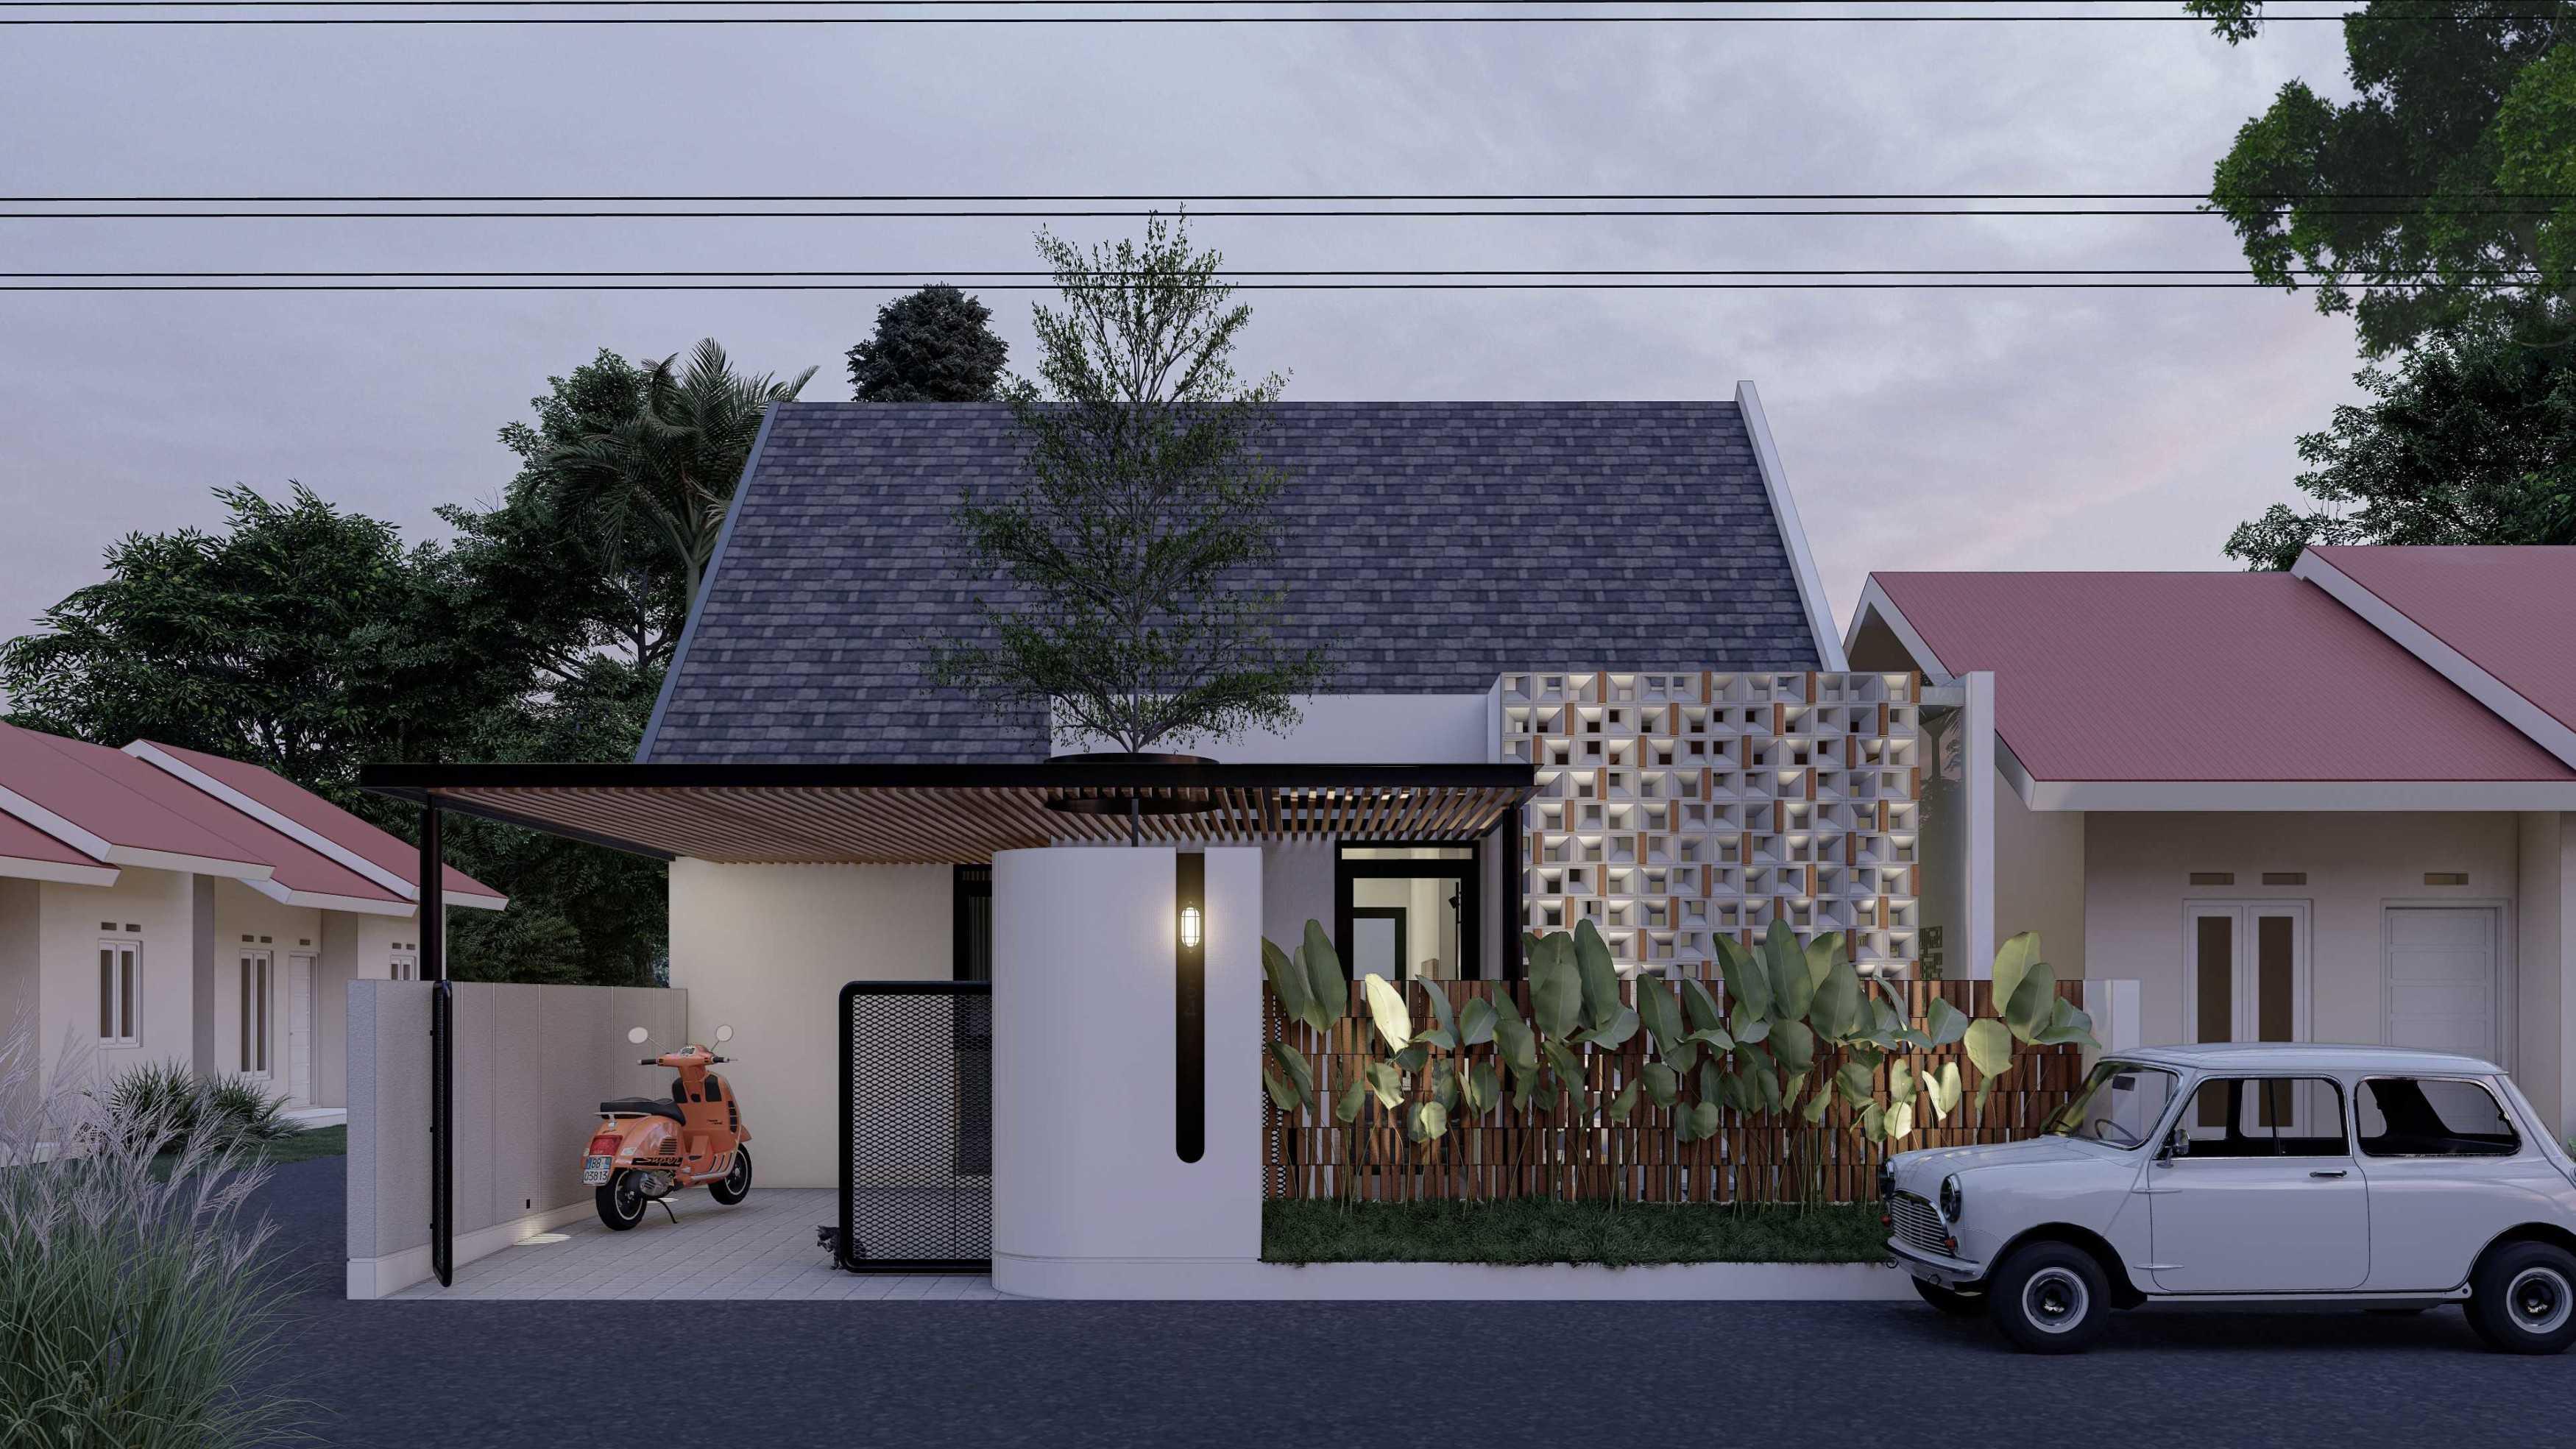 Iap Architect Ip House (Desain) Padang, Kota Padang, Sumatera Barat, Indonesia Padang, Kota Padang, Sumatera Barat, Indonesia Iap-Architect-Ip-House-Desain   127433